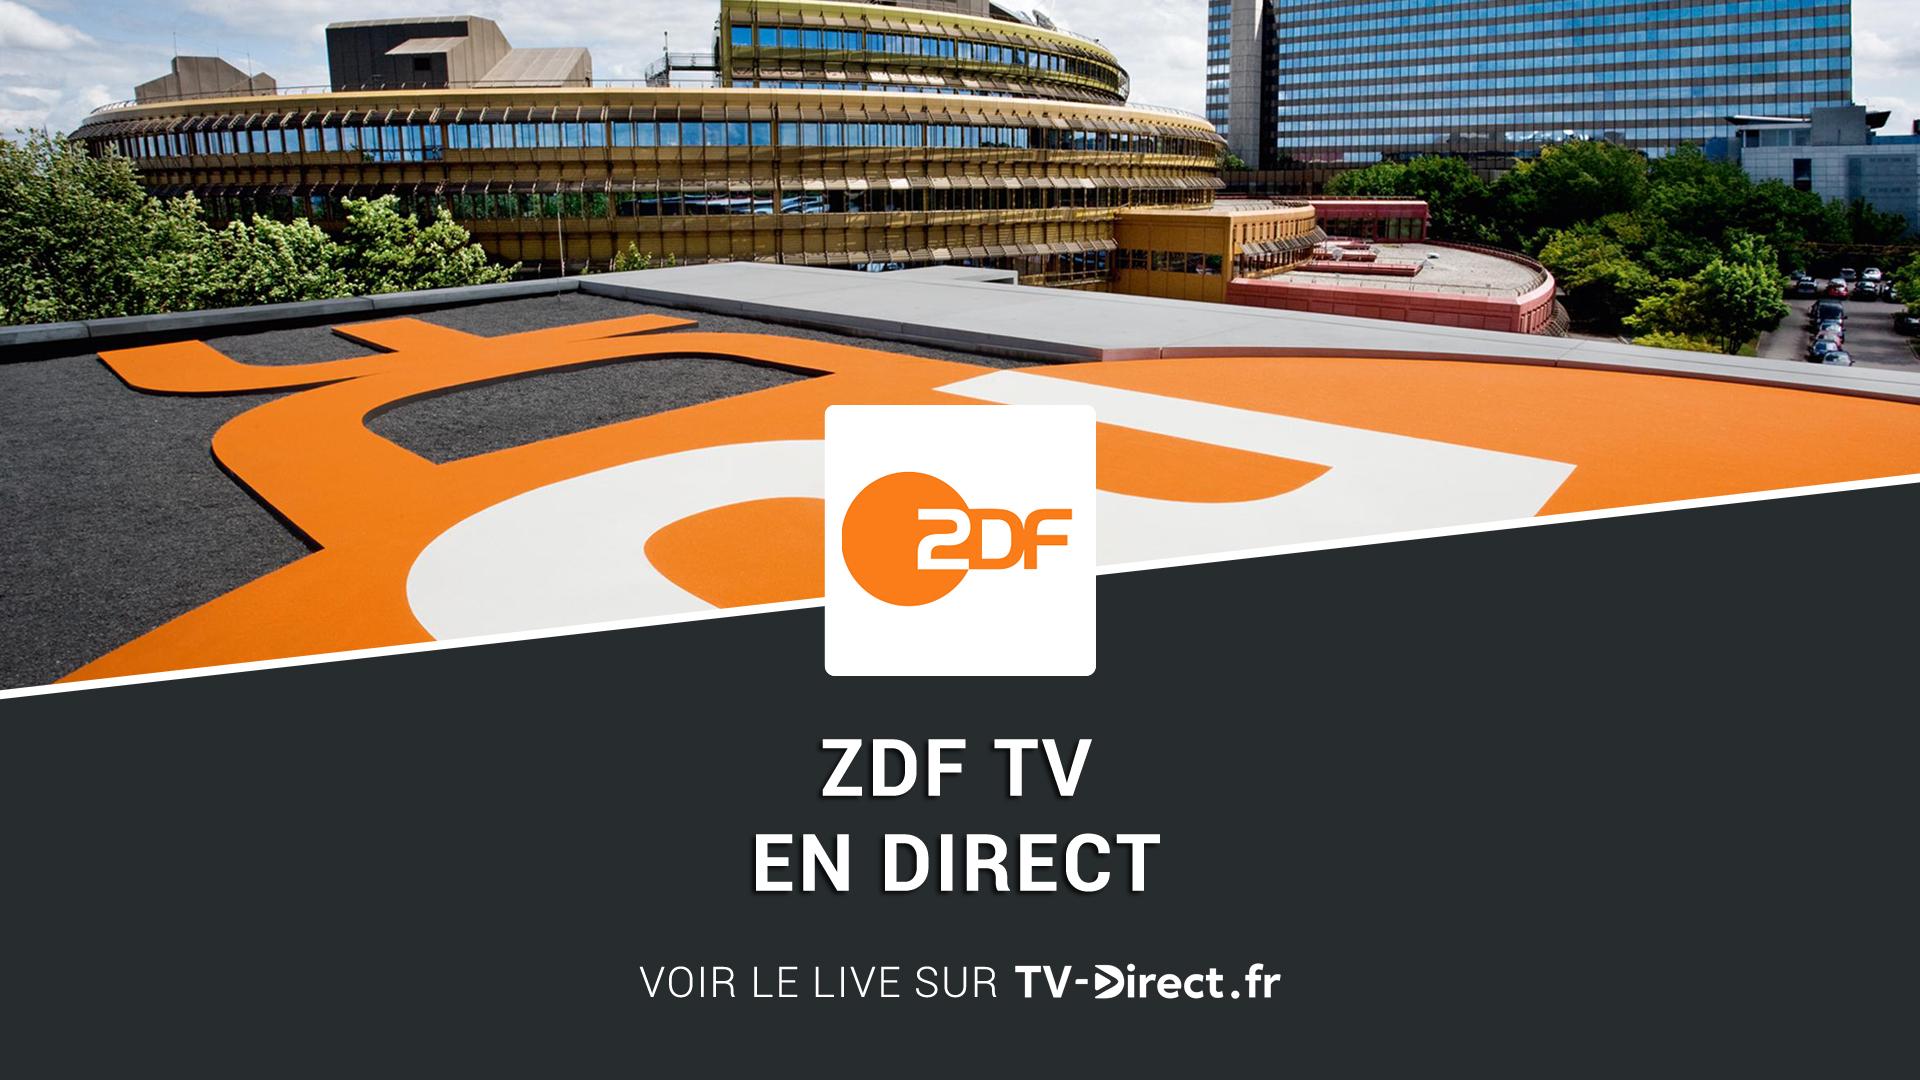 Tv Live Zdf